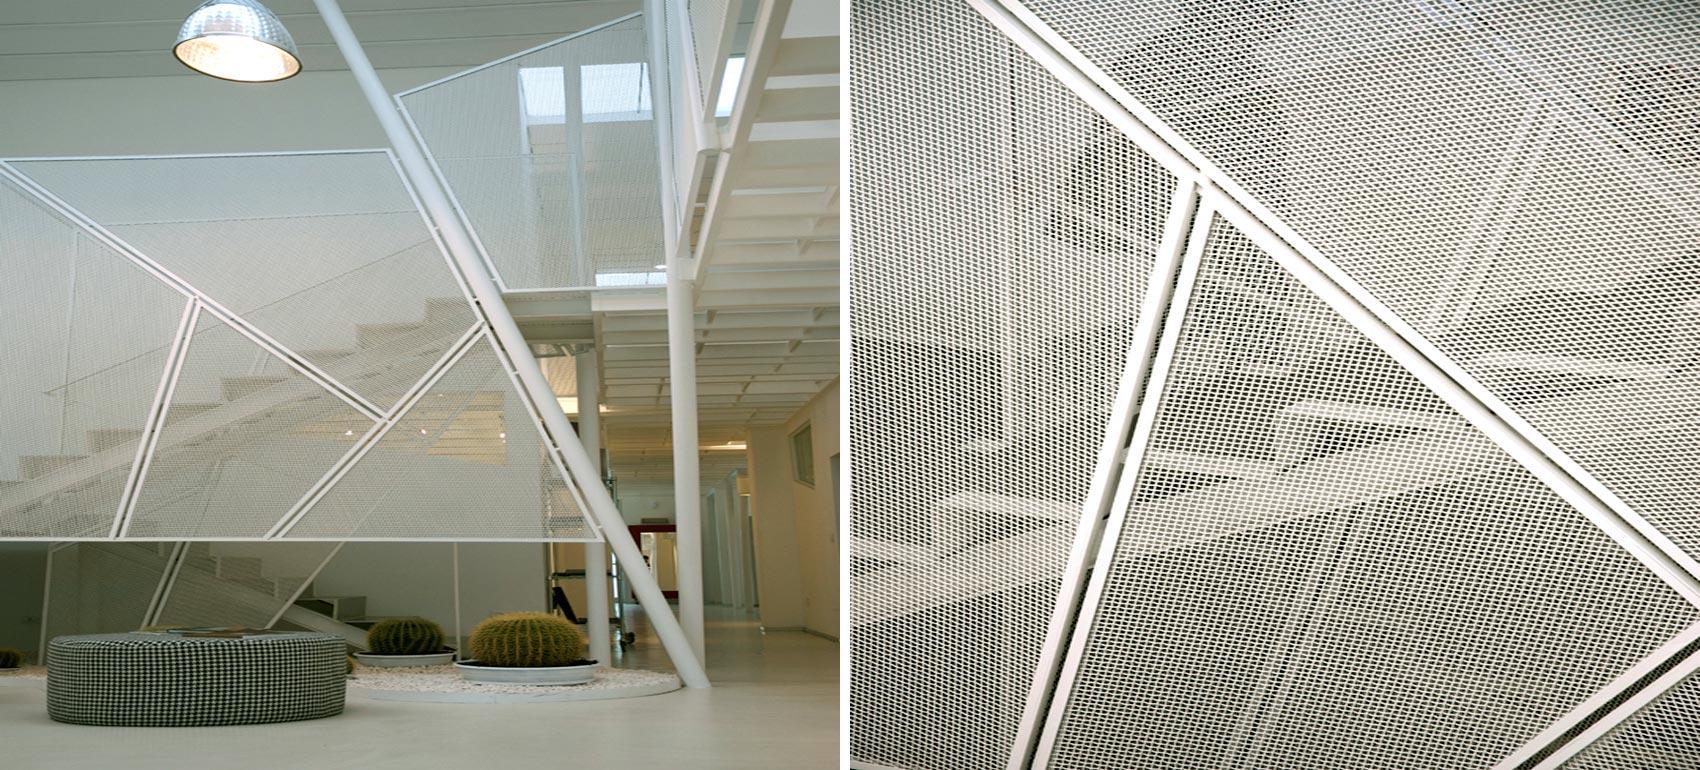 stefanoturi-architetto_lavori_agenzia_moda6